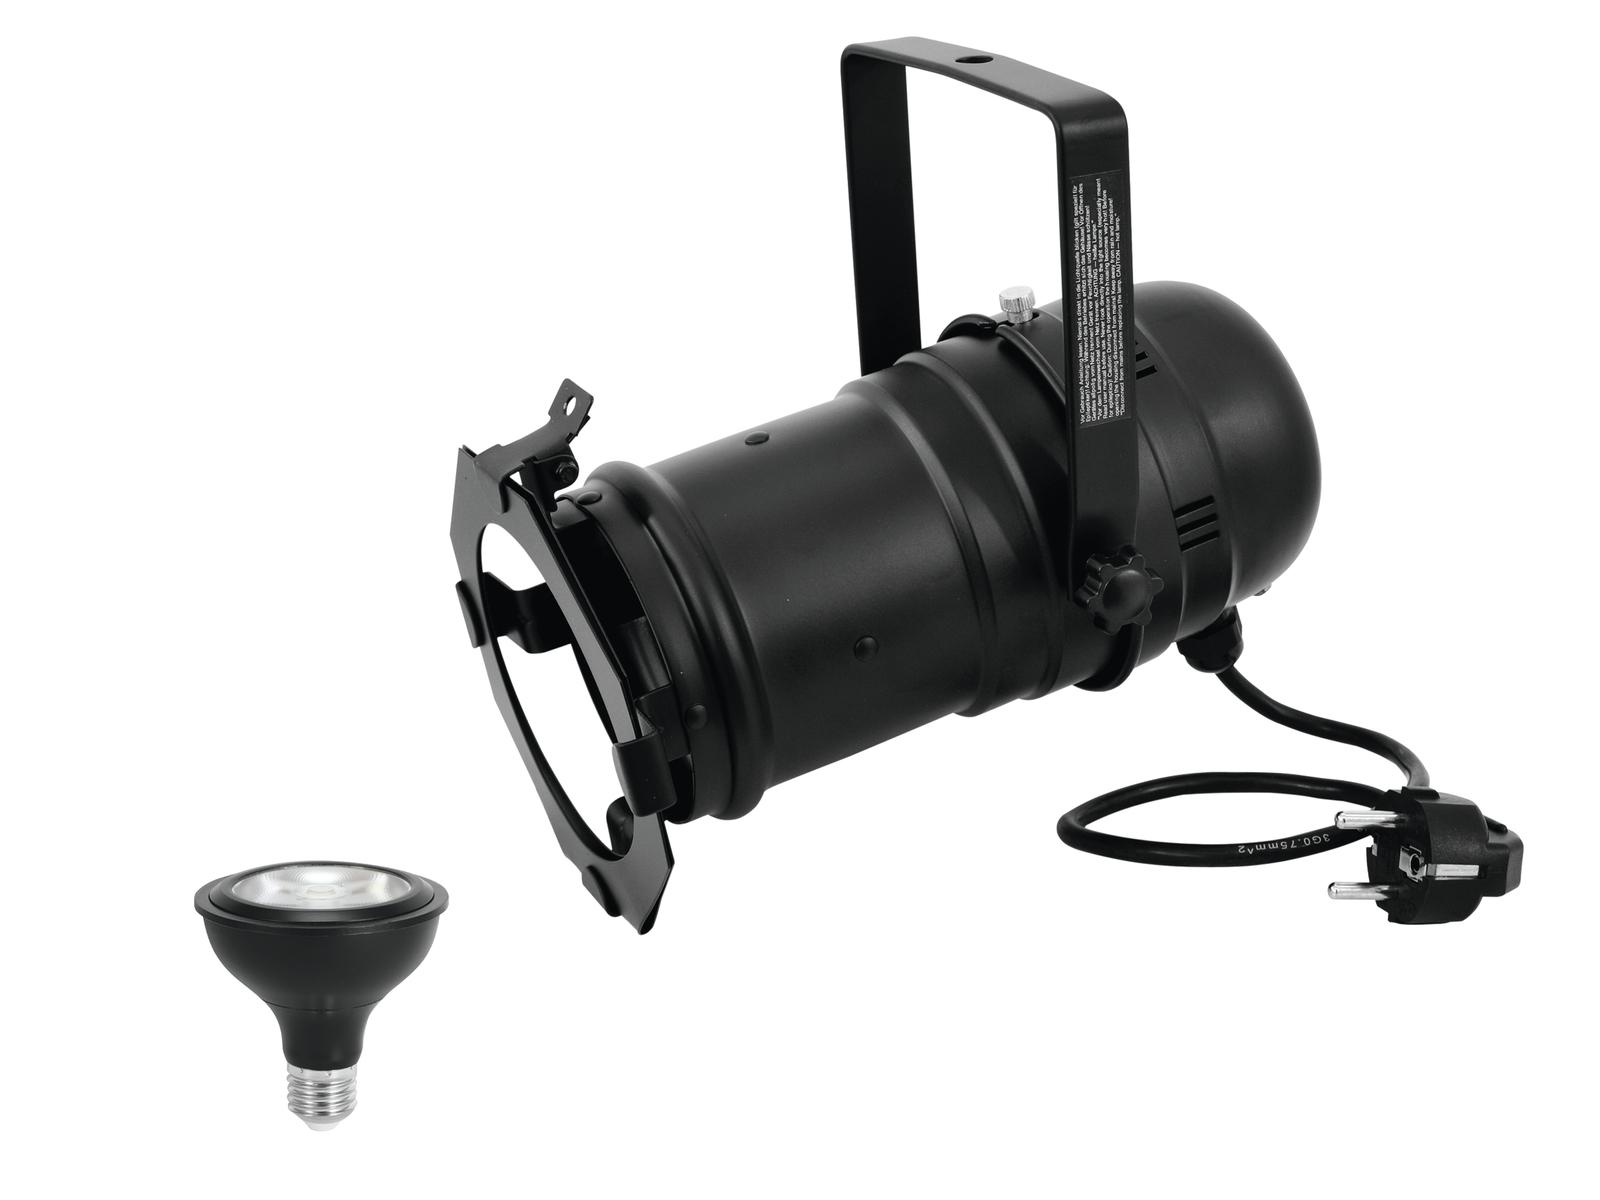 EUROLITE Set PAR-30 Spot sw + PAR-30 230V COB 12W E-27 LED 1800-3000K dim2warm